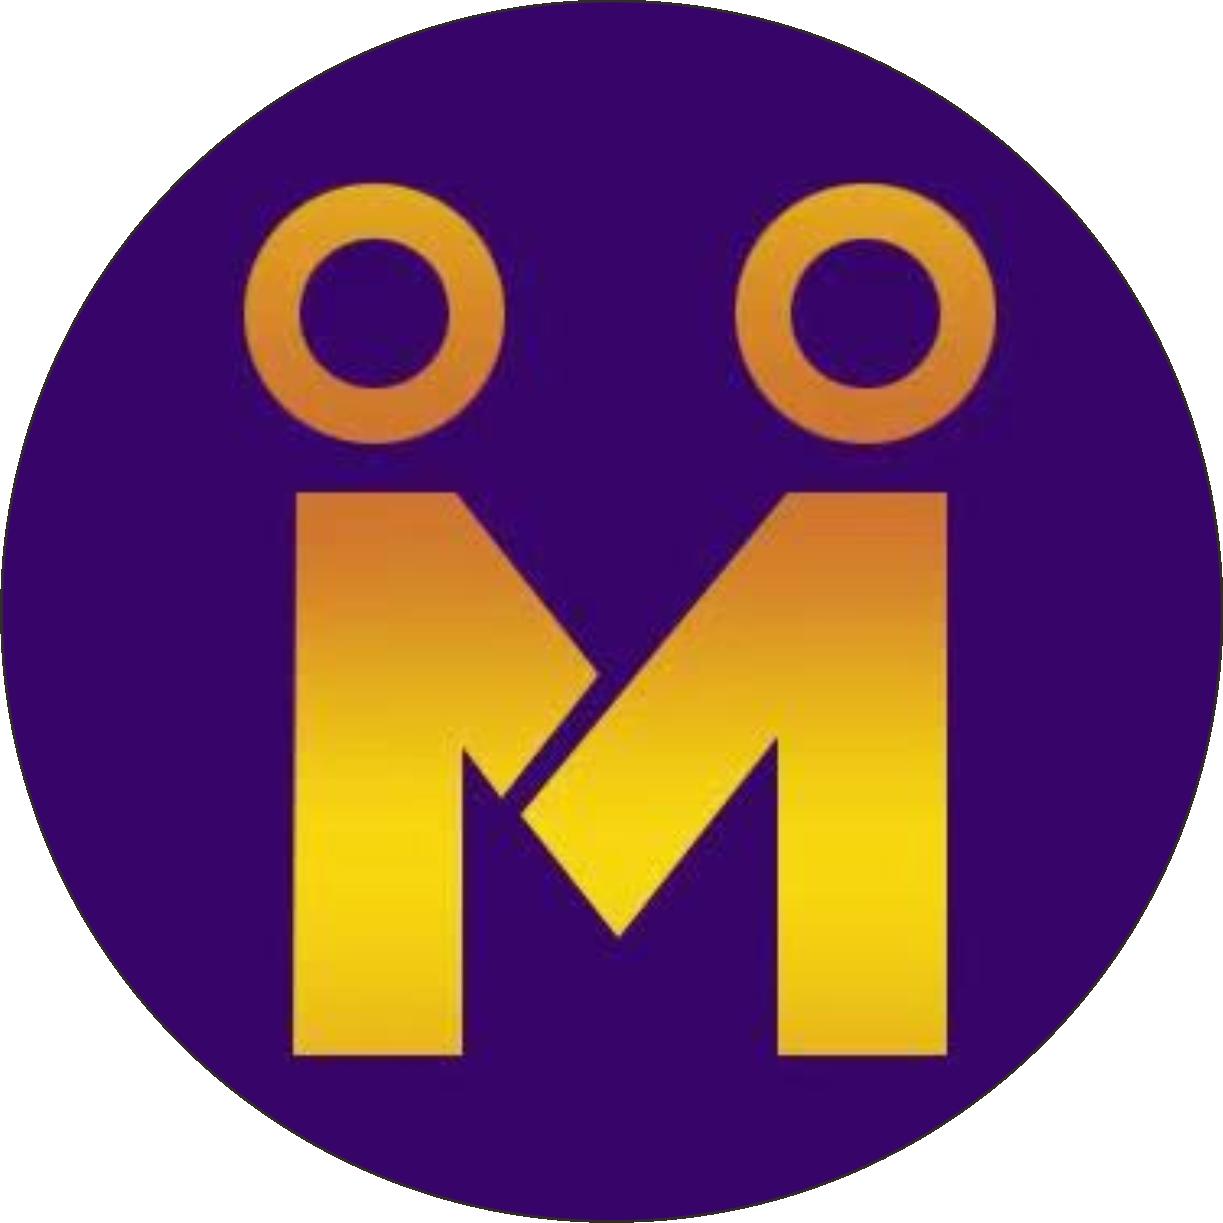 金钱屋(MoneyHouse)app